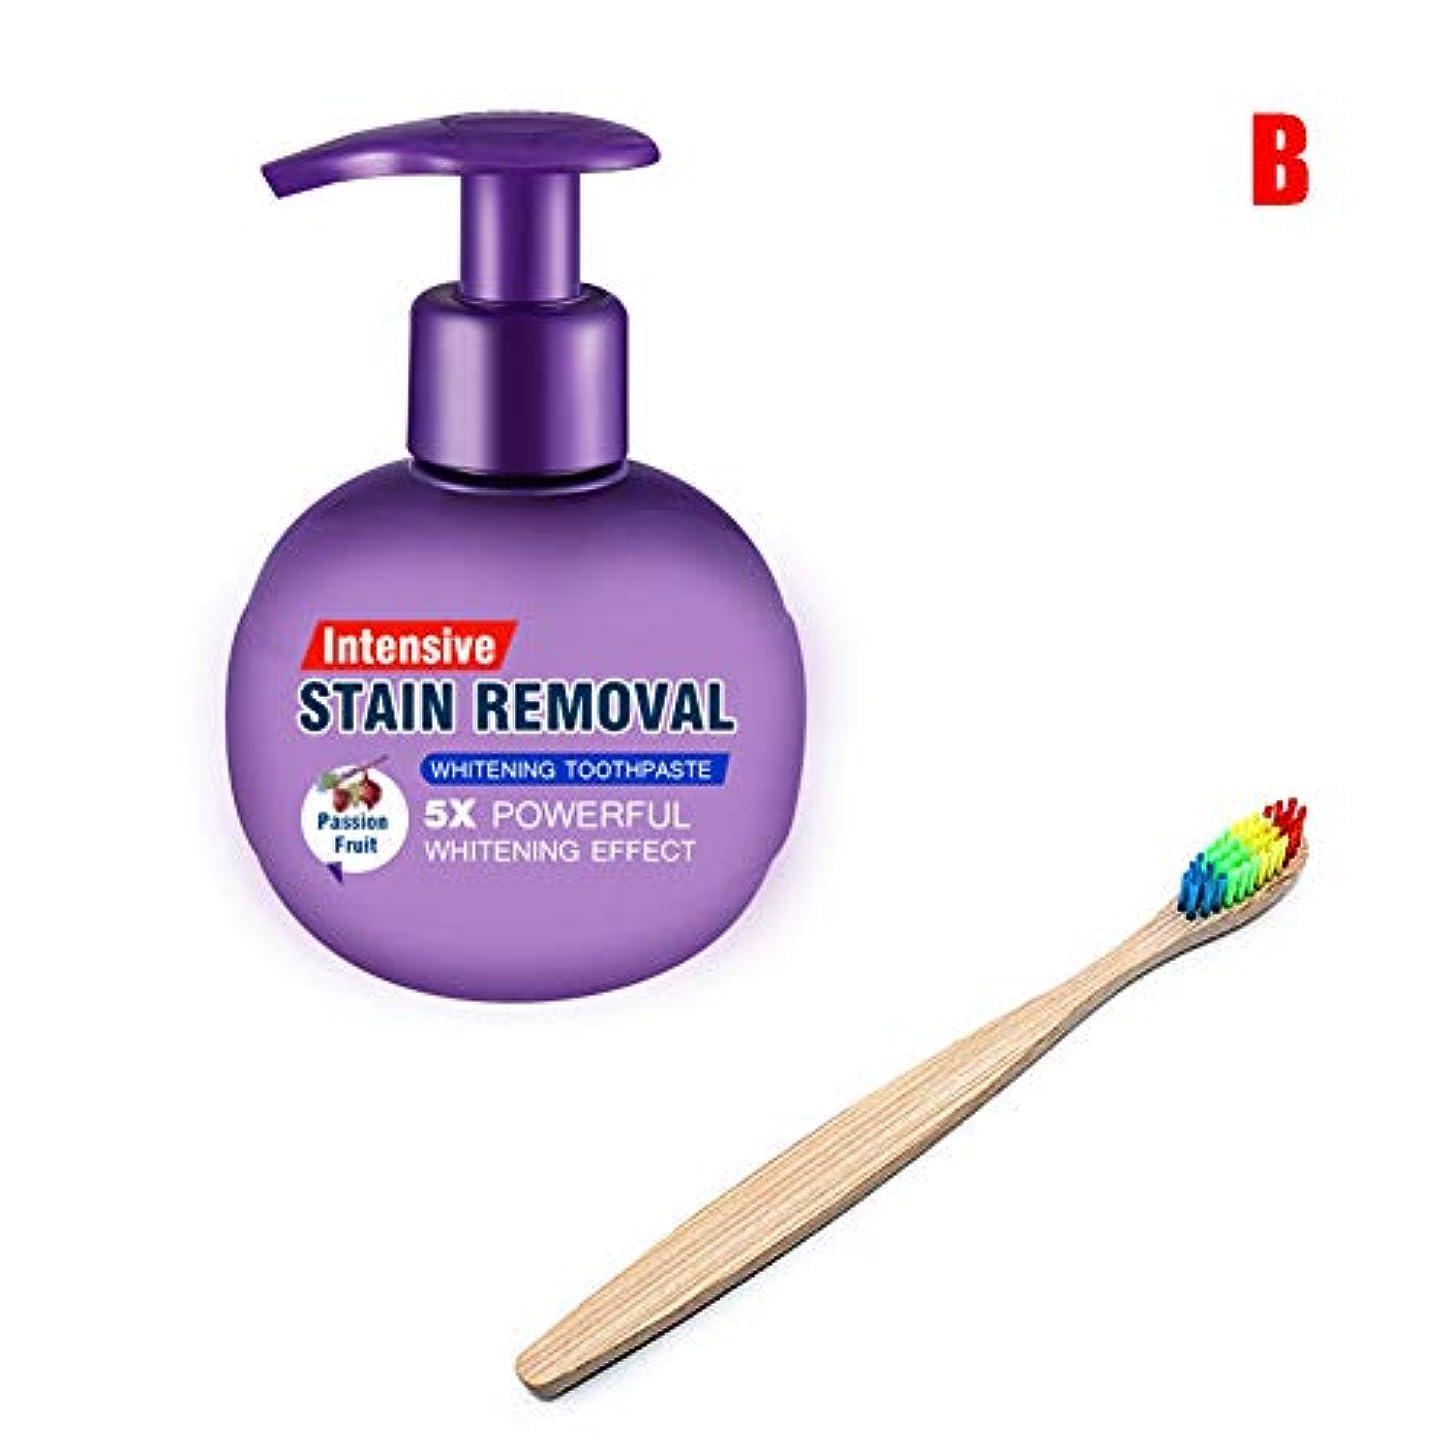 凝視蚊認めるCoolTack 歯磨き粉歯磨き粉ホワイトニング歯磨き粉アンチブリーディングガム歯磨き用